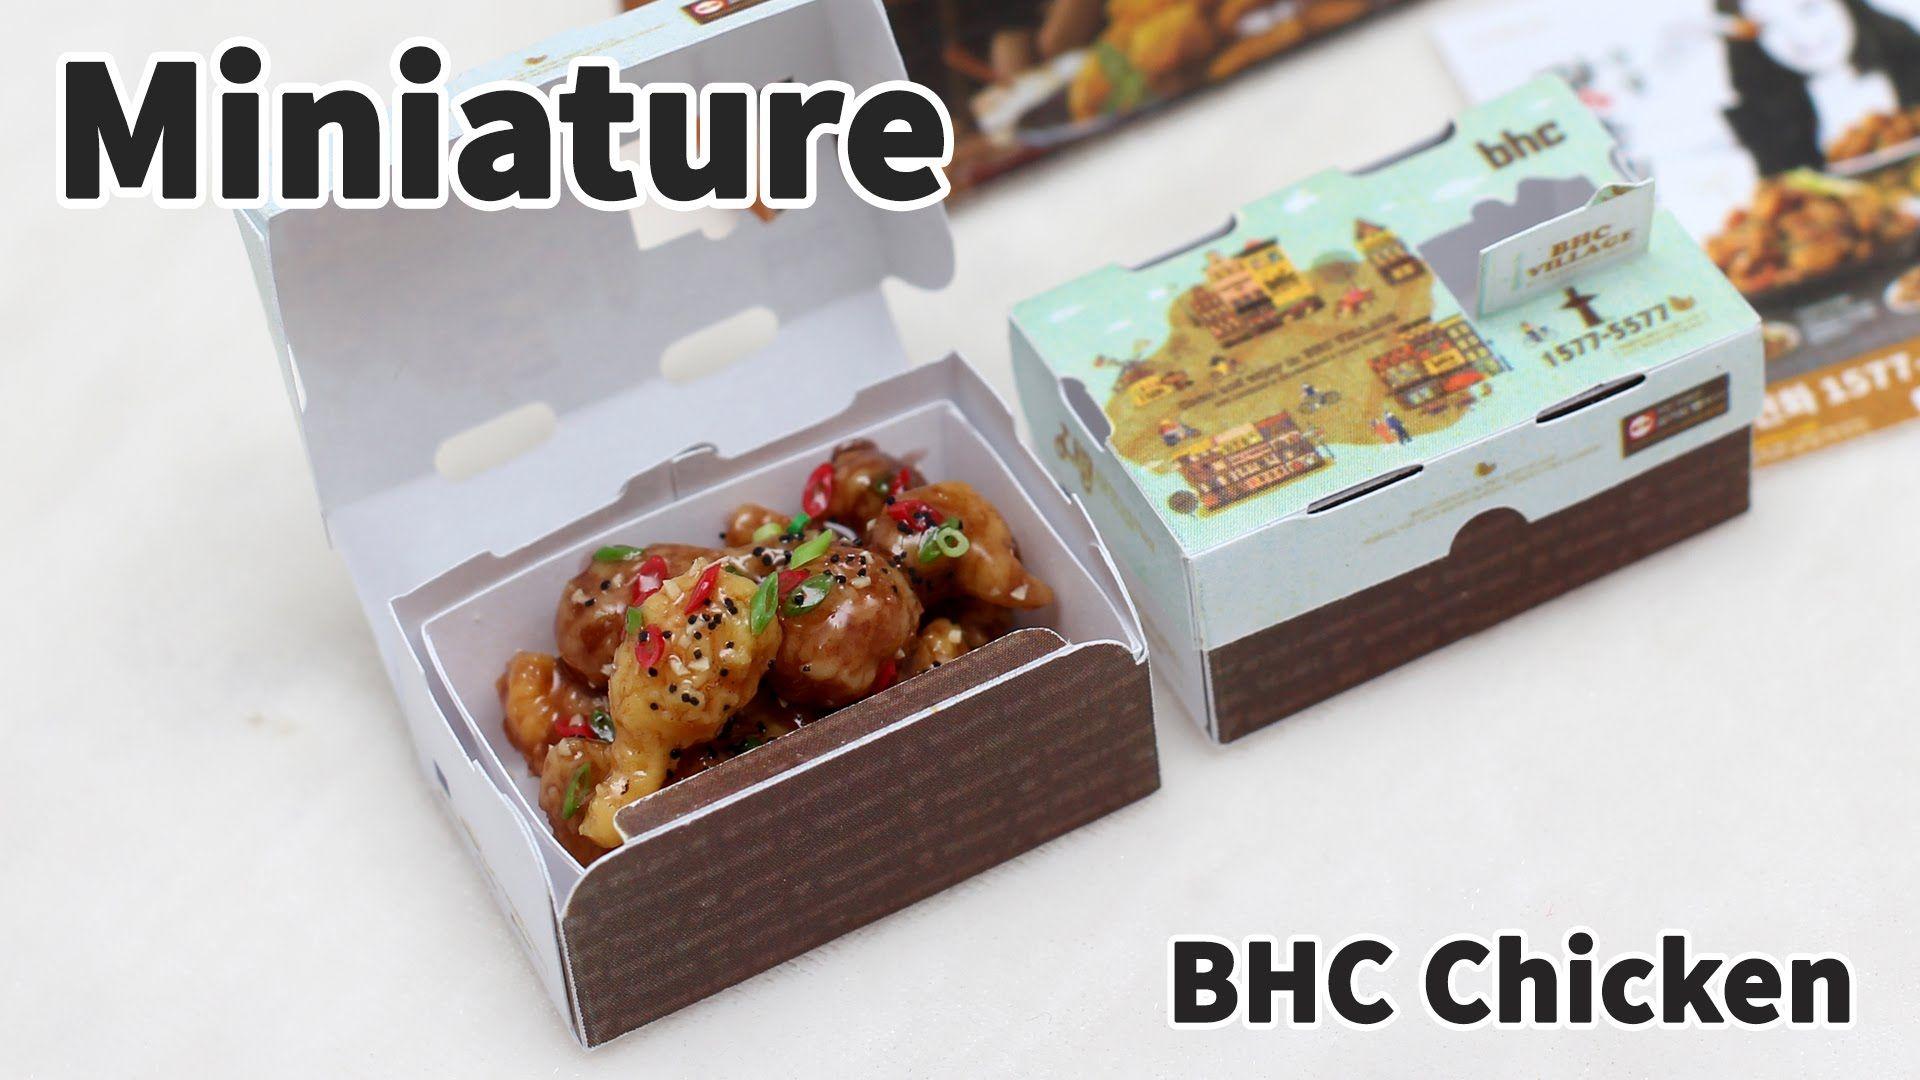 미니어쳐 BHC 맛초킹 치킨 만들기 - Miniature